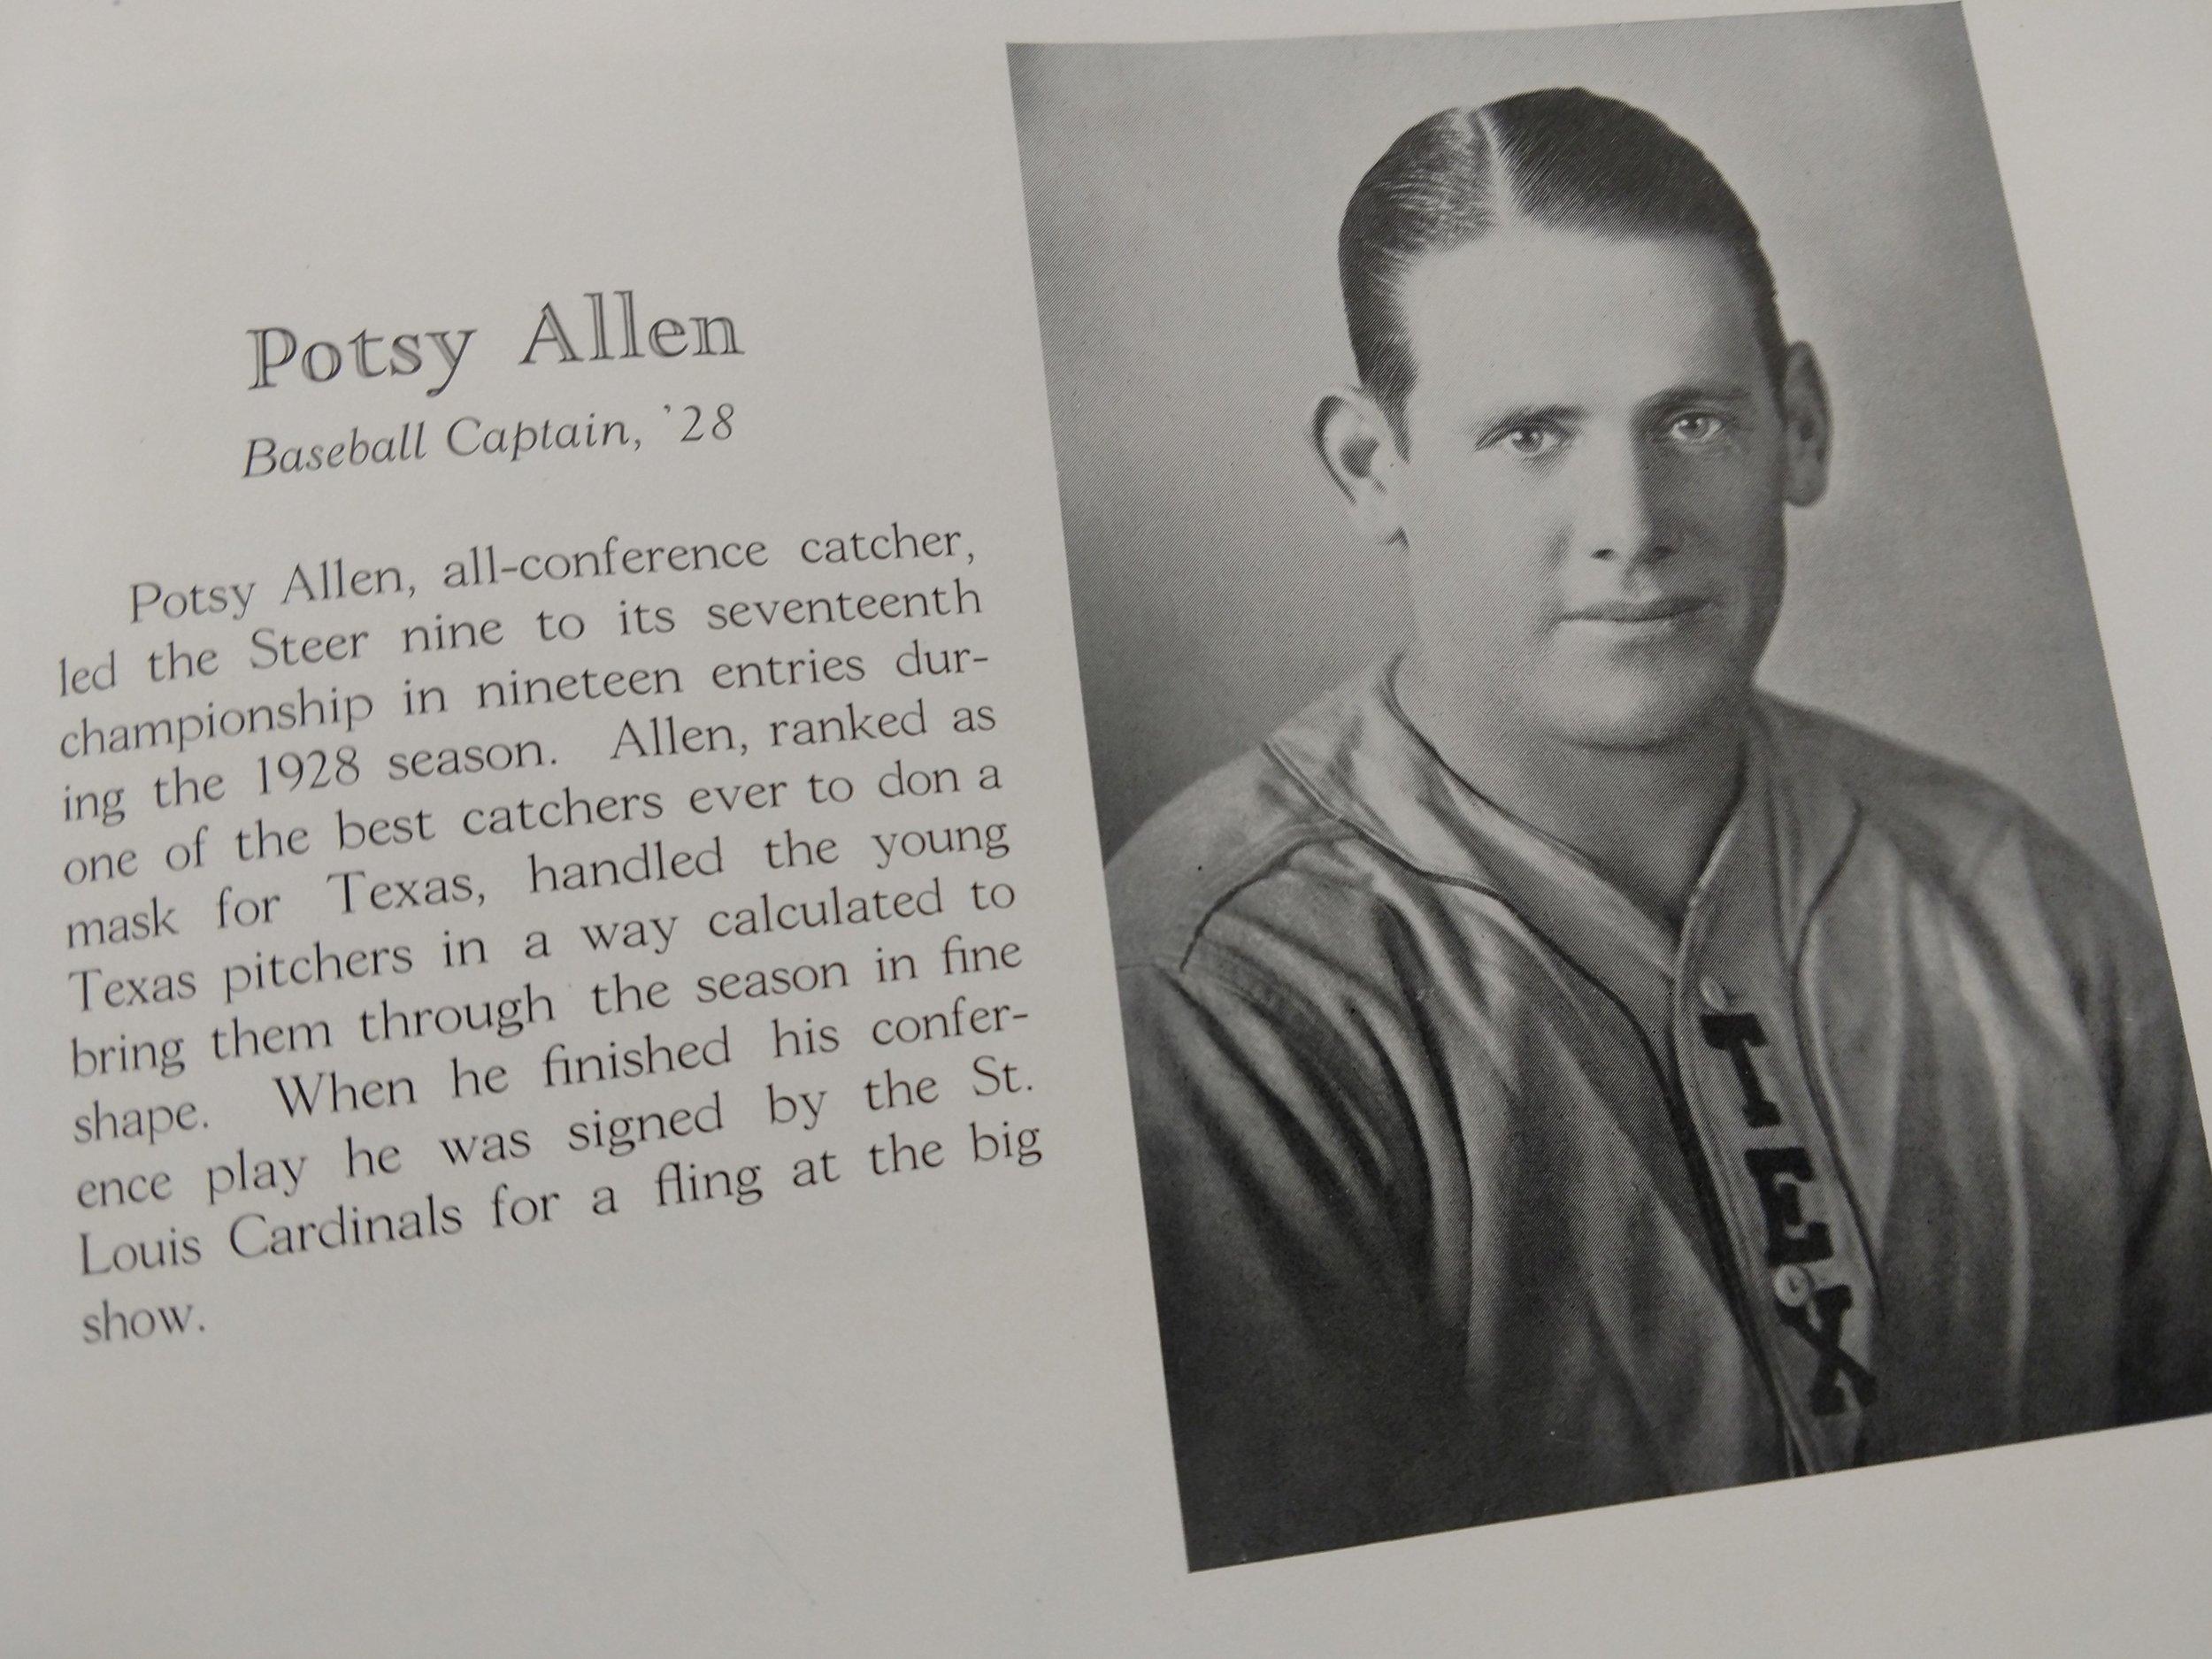 Potsy Allen